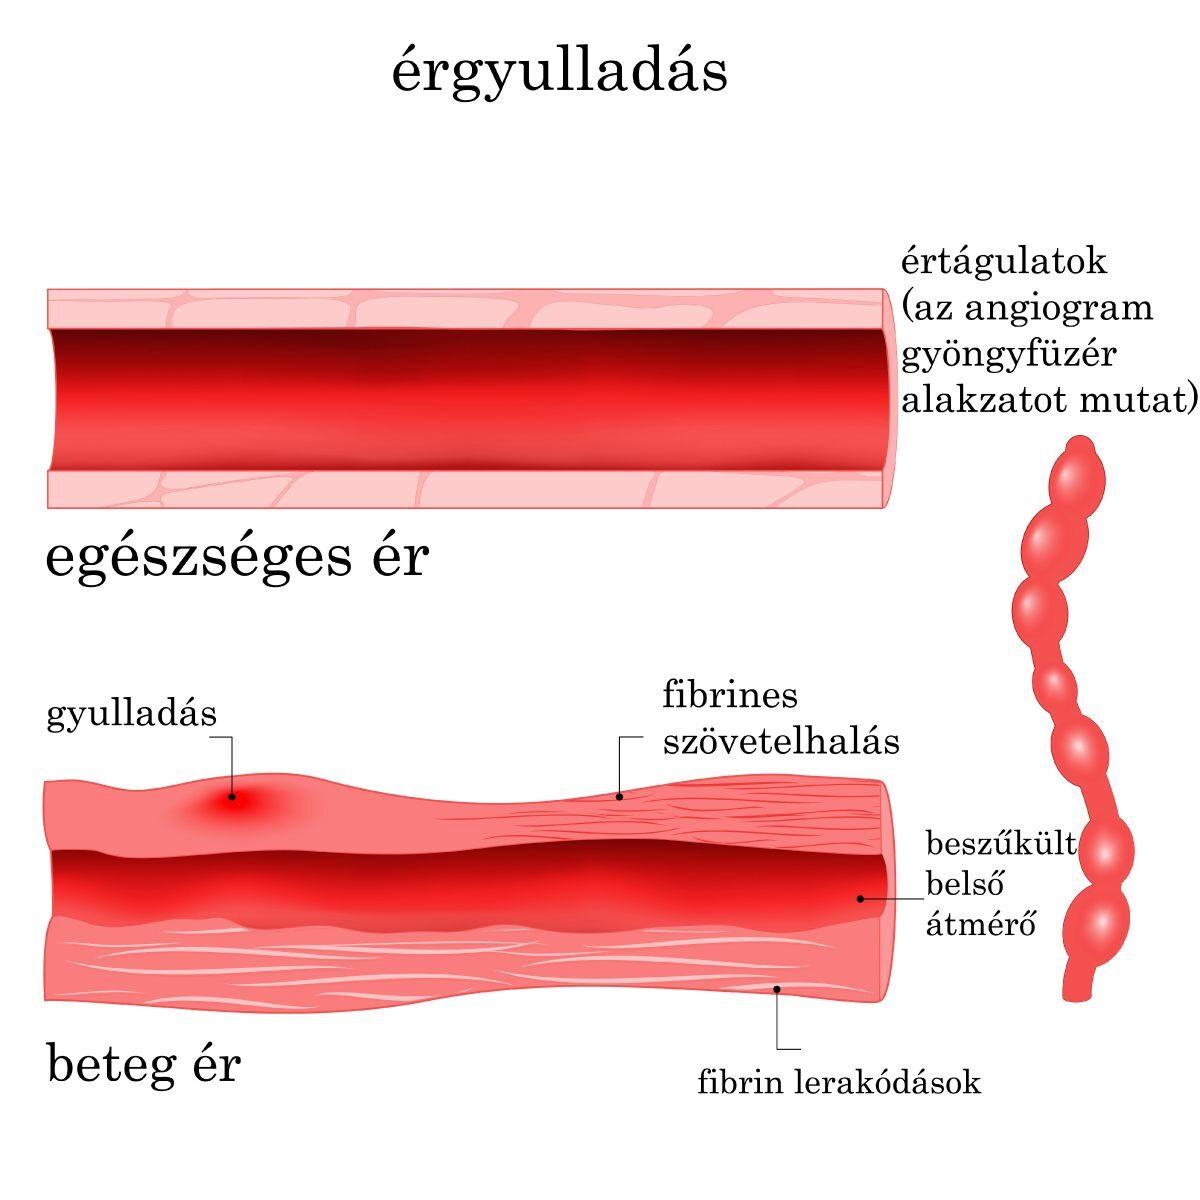 visszérflebectomia vagy scleroterápia hogyan lehet a visszerek elől menekülni a terhesség alatt